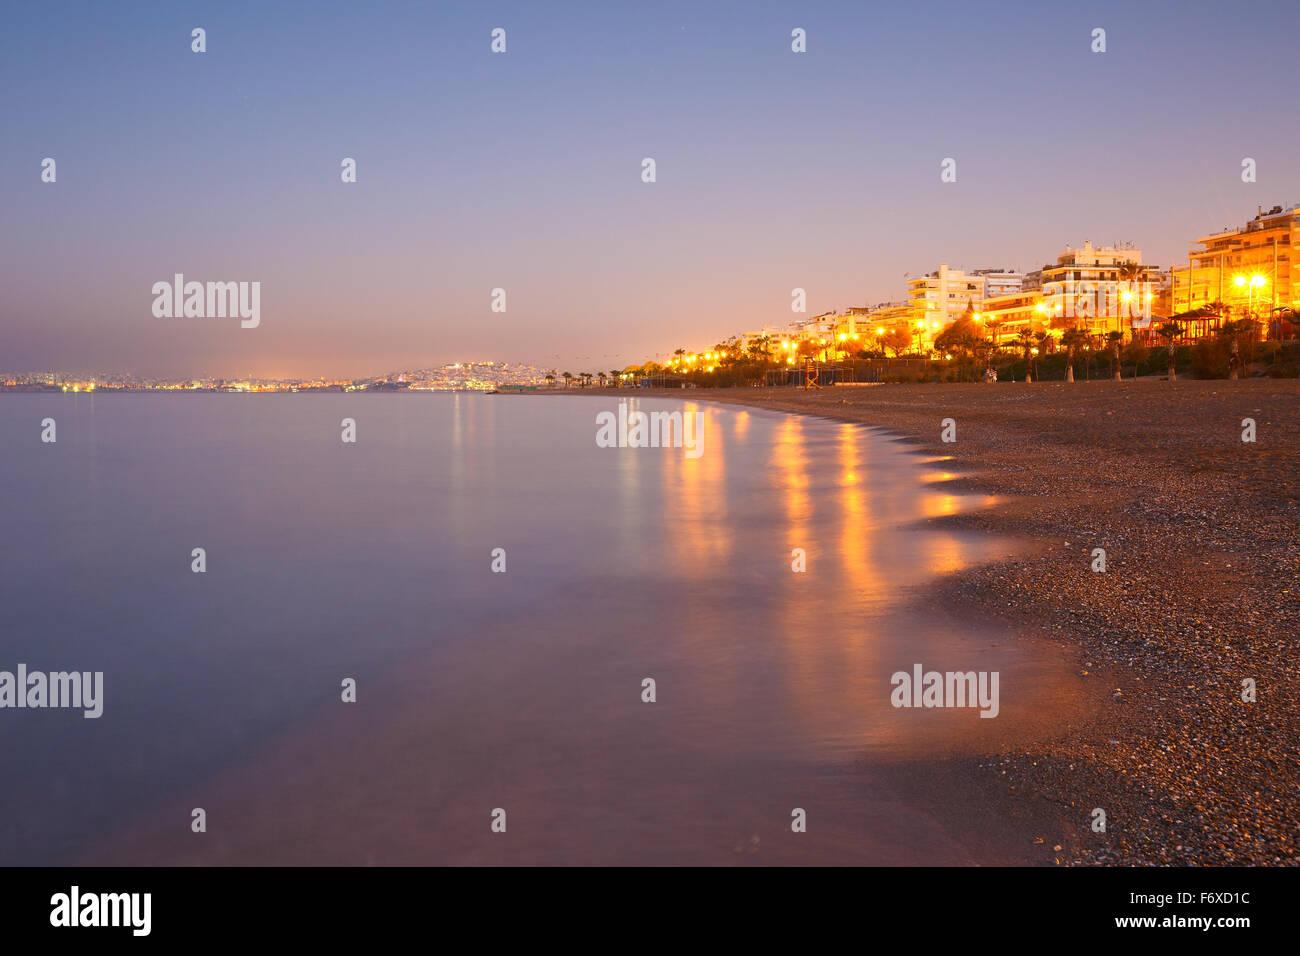 Playa en Palaio Faliro y el paseo marítimo de Atenas, Grecia. Imagen De Stock